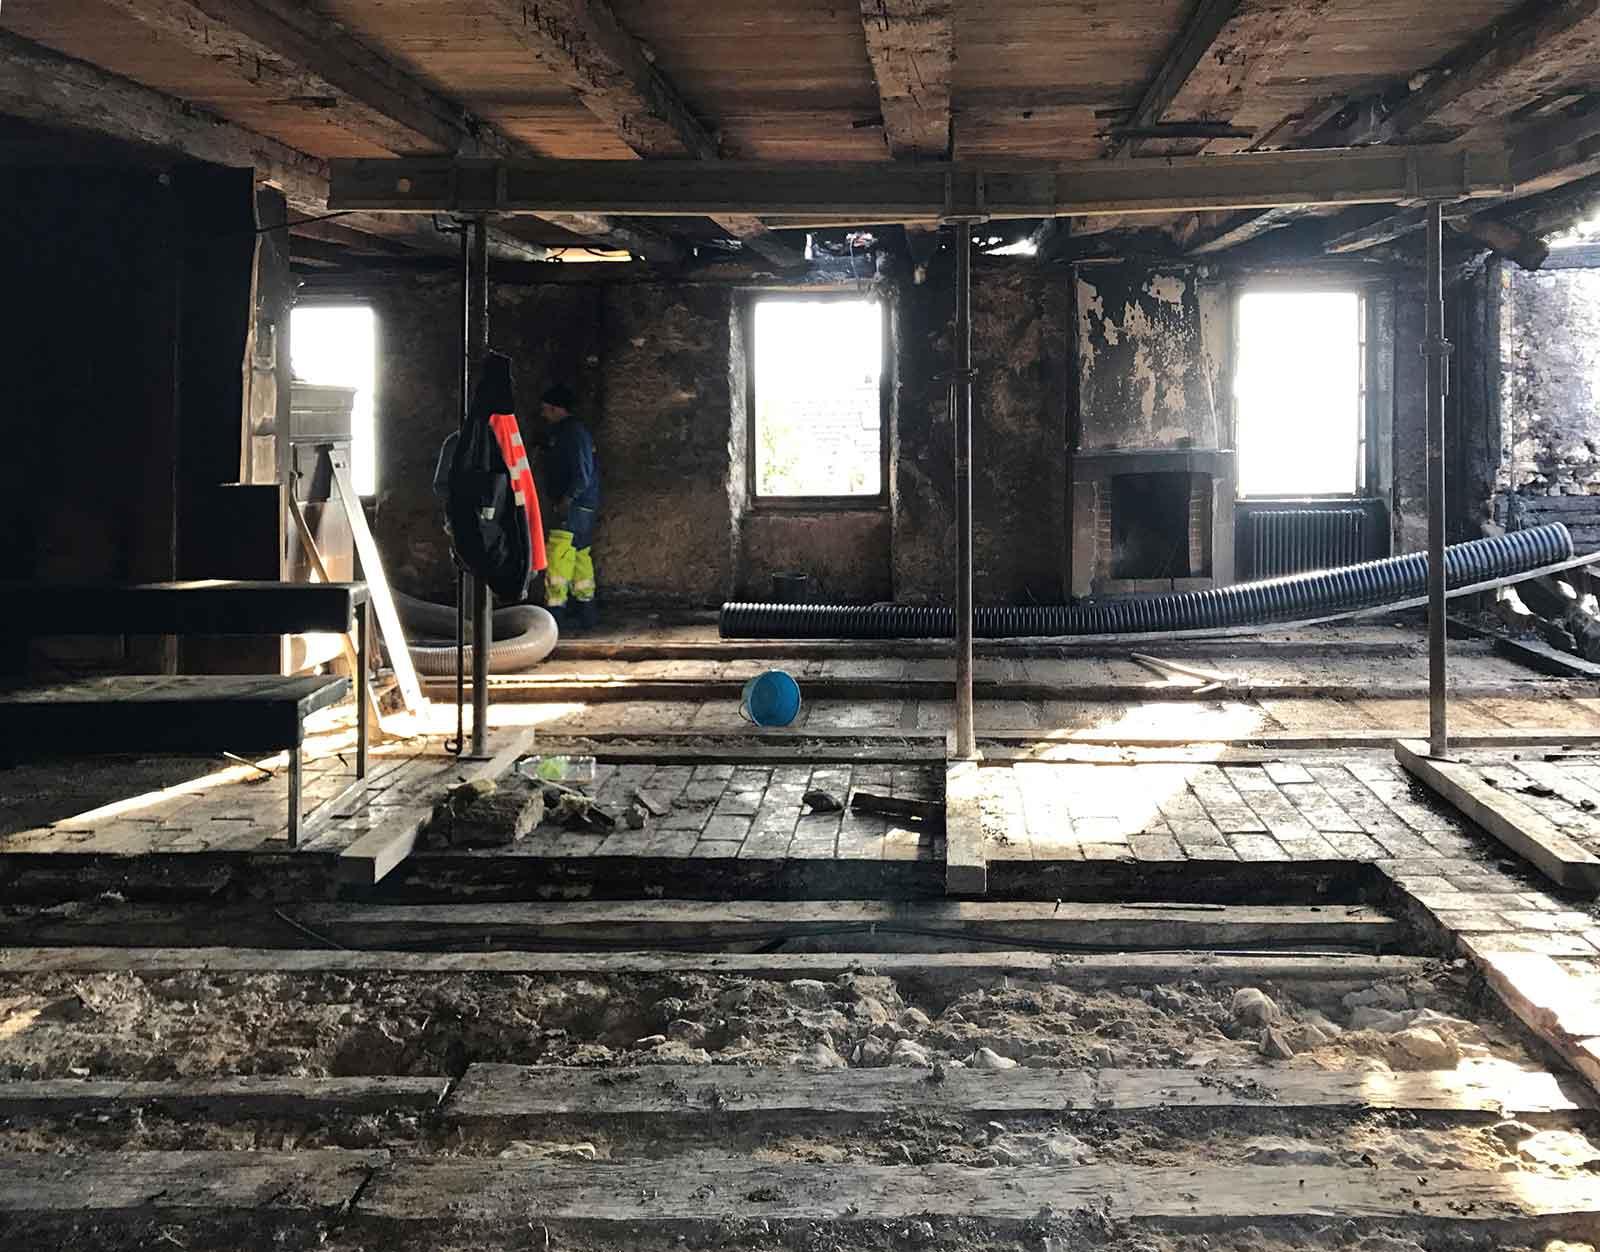 Bauplatz nach Rückbau Wiederaufbau denkmalgeschützes ehemaliges Bauernhaus Hauptstrasse Magglinggen